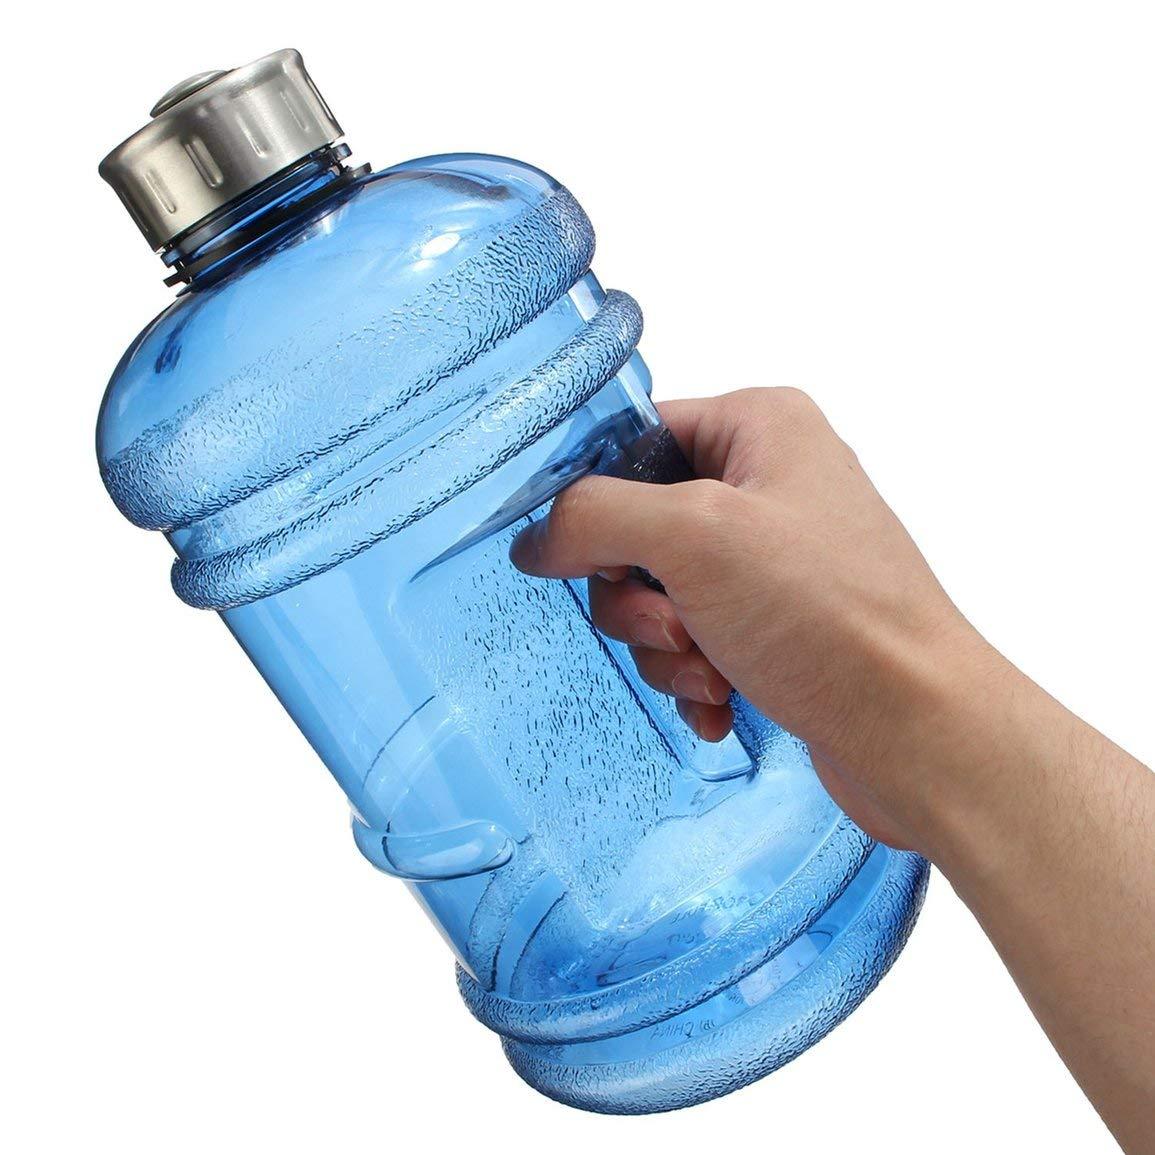 QuYiShenYiShiFuZhuang Botella de Agua Grande Grande de 2.2L Hervidor de Agua de Gran Capacidad Gimnasio de Deportes al Aire Libre Gimnasio Botella de Agua para Entrenamiento Camping Running Azul